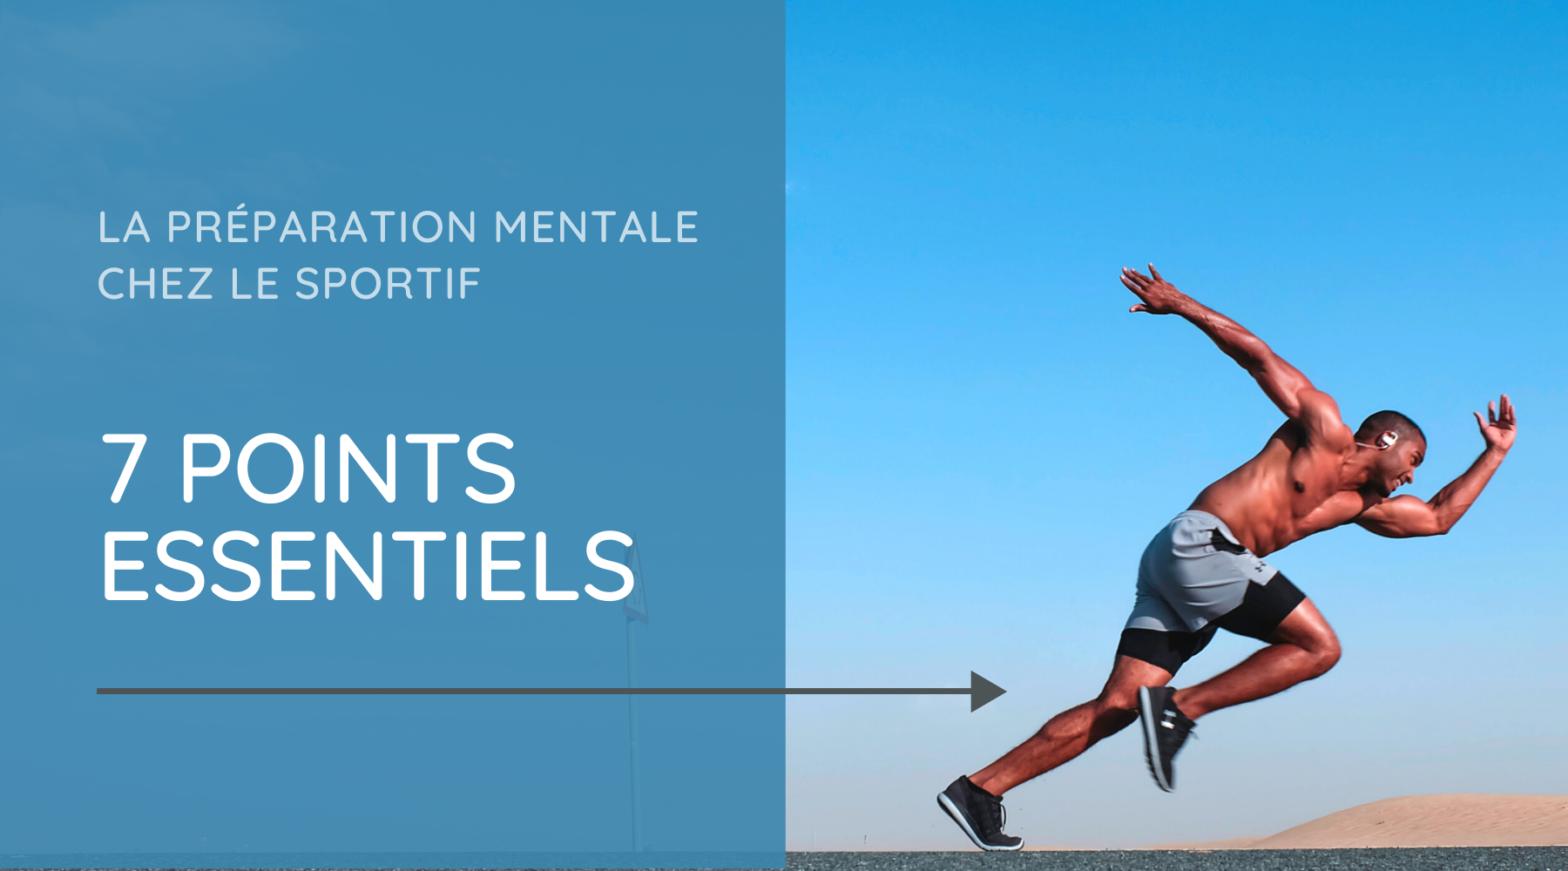 7 points essentiels à la préparation mentale d'un sportif